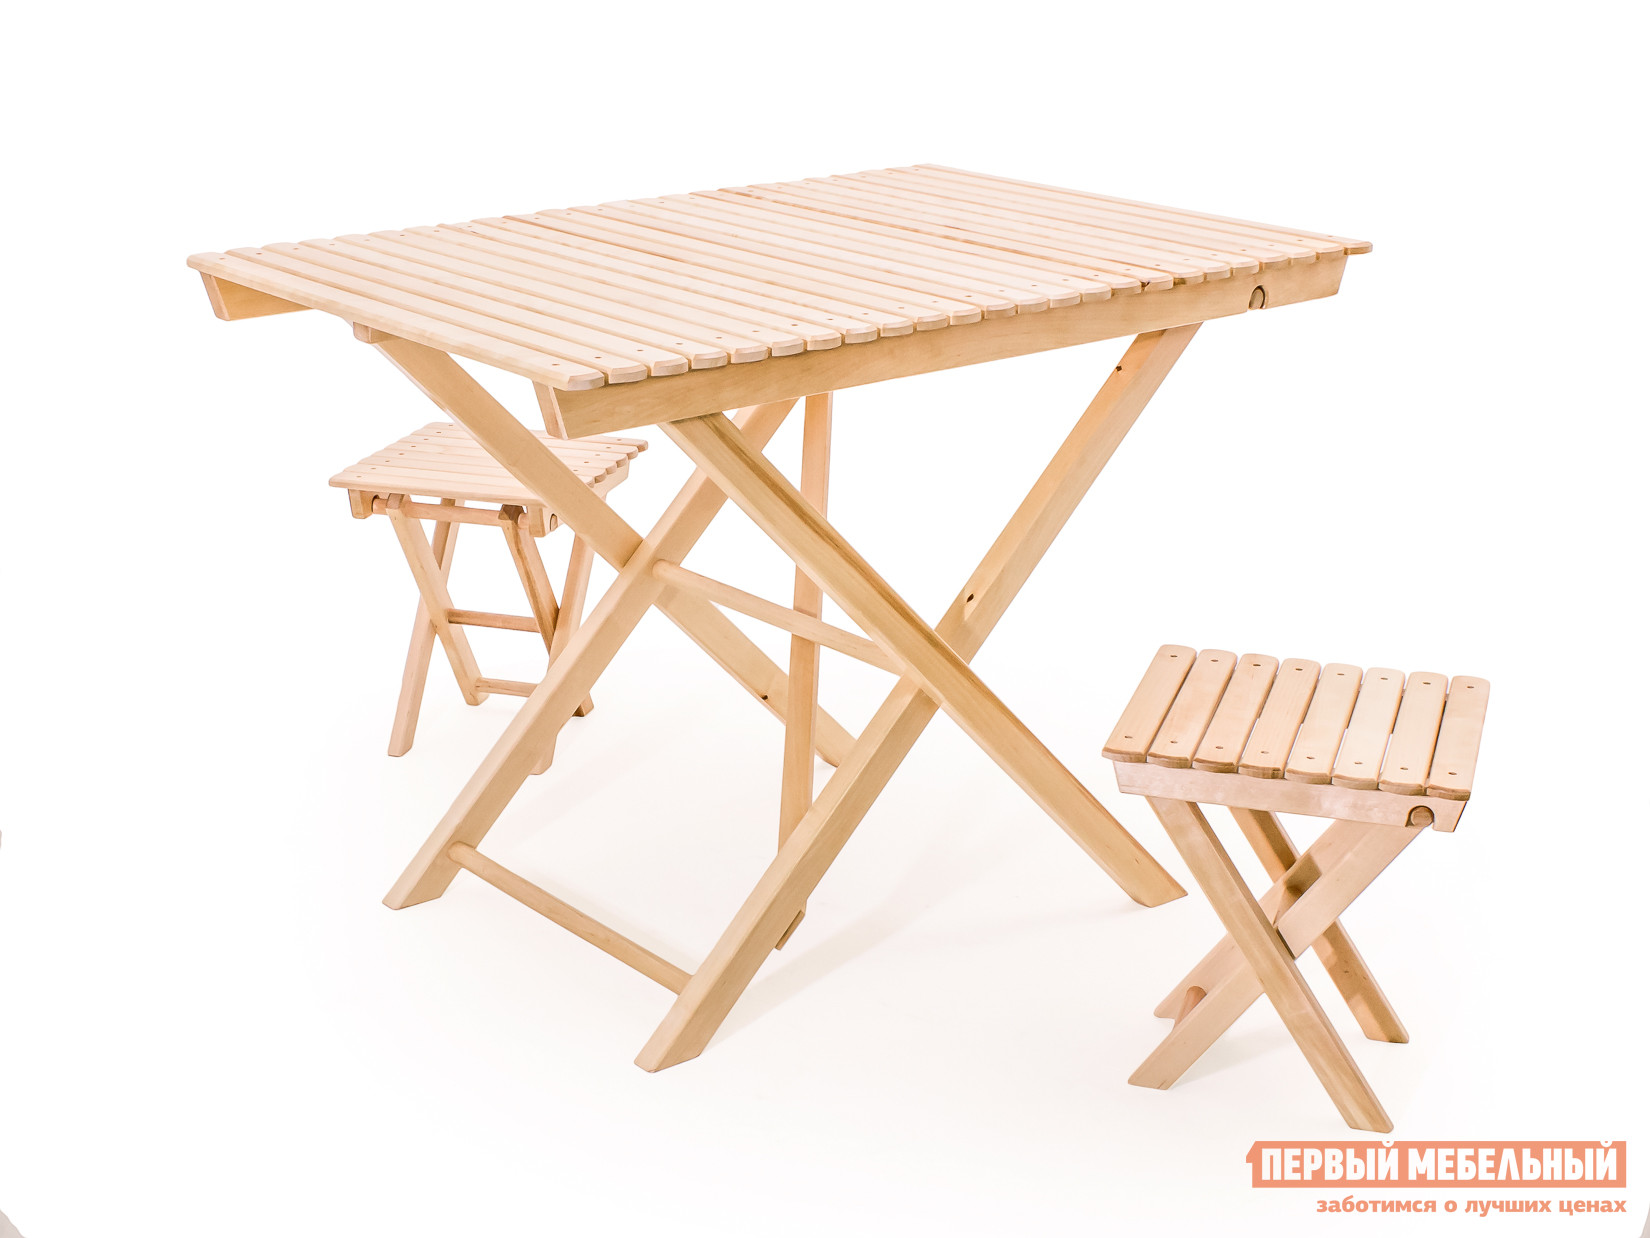 Комплект садовой мебели для дачи Смолянка СМ004Б+СМ018Б 2 шт